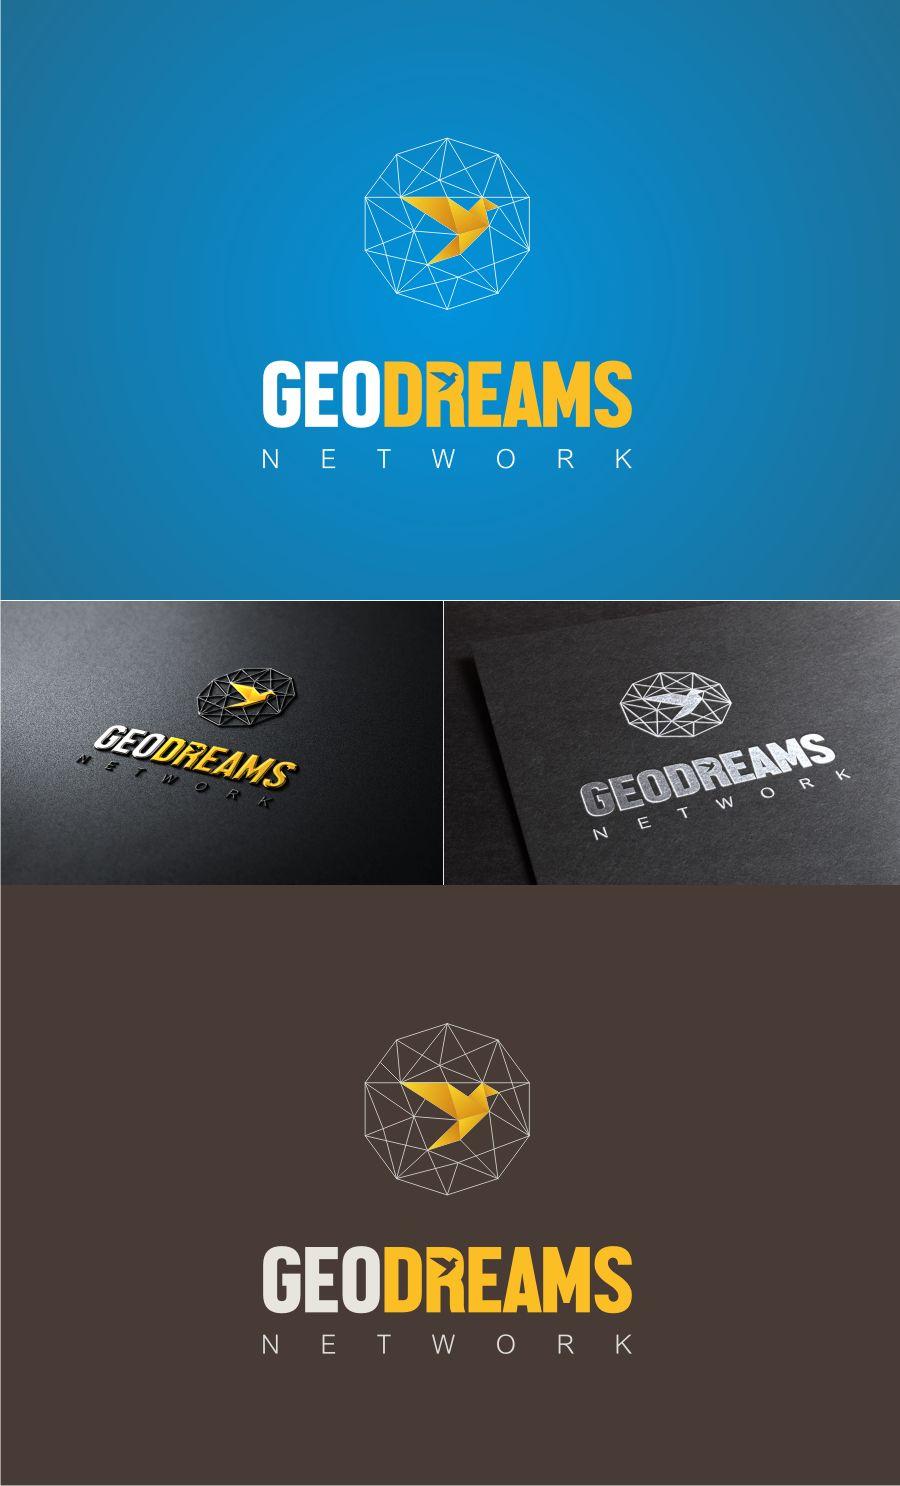 Geodreams Network A Geospatial Education Techno Modern Playful Logo Design By Alex Yaroshenko Social Media Calendar Educational Technology Logo Design